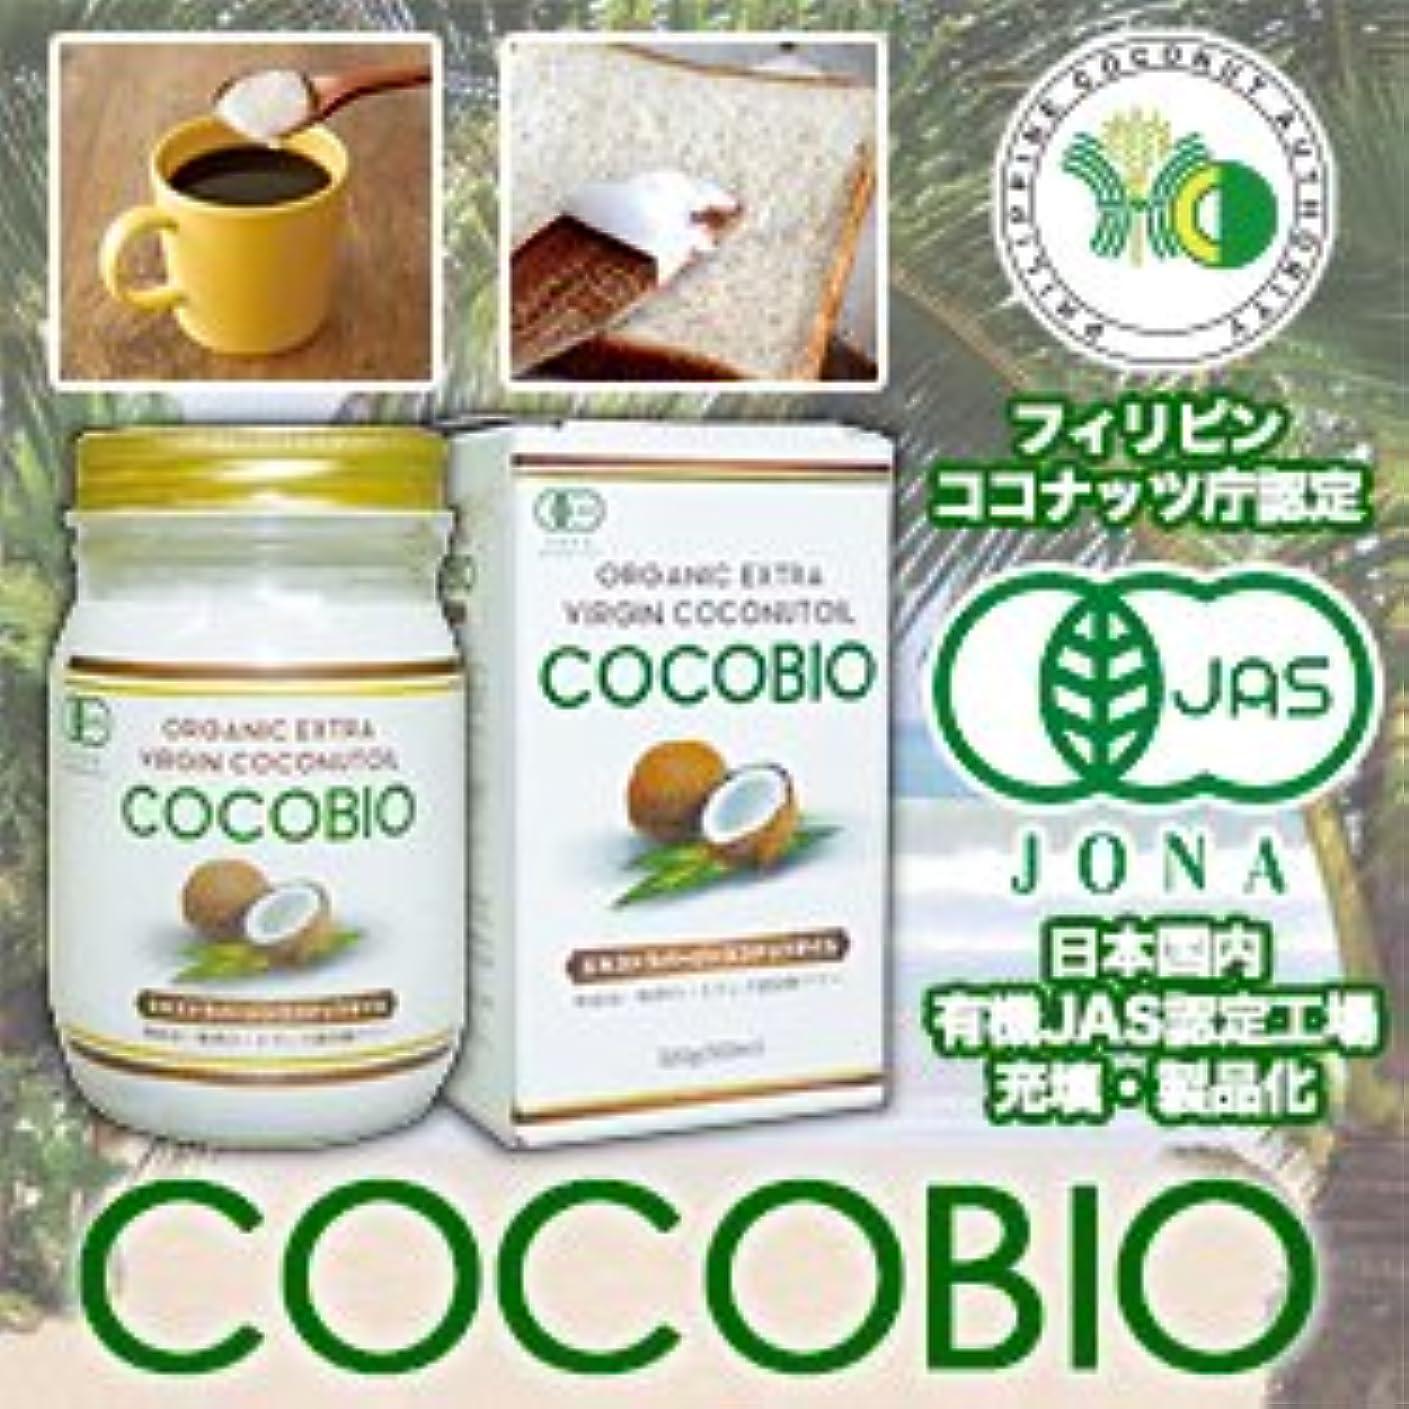 灌漑合計ちょうつがい【特殊栄養食品研究所】【有機ココナッツオイル】 ココビオ(COCOBIO) 320g [350ml] ×10個セット